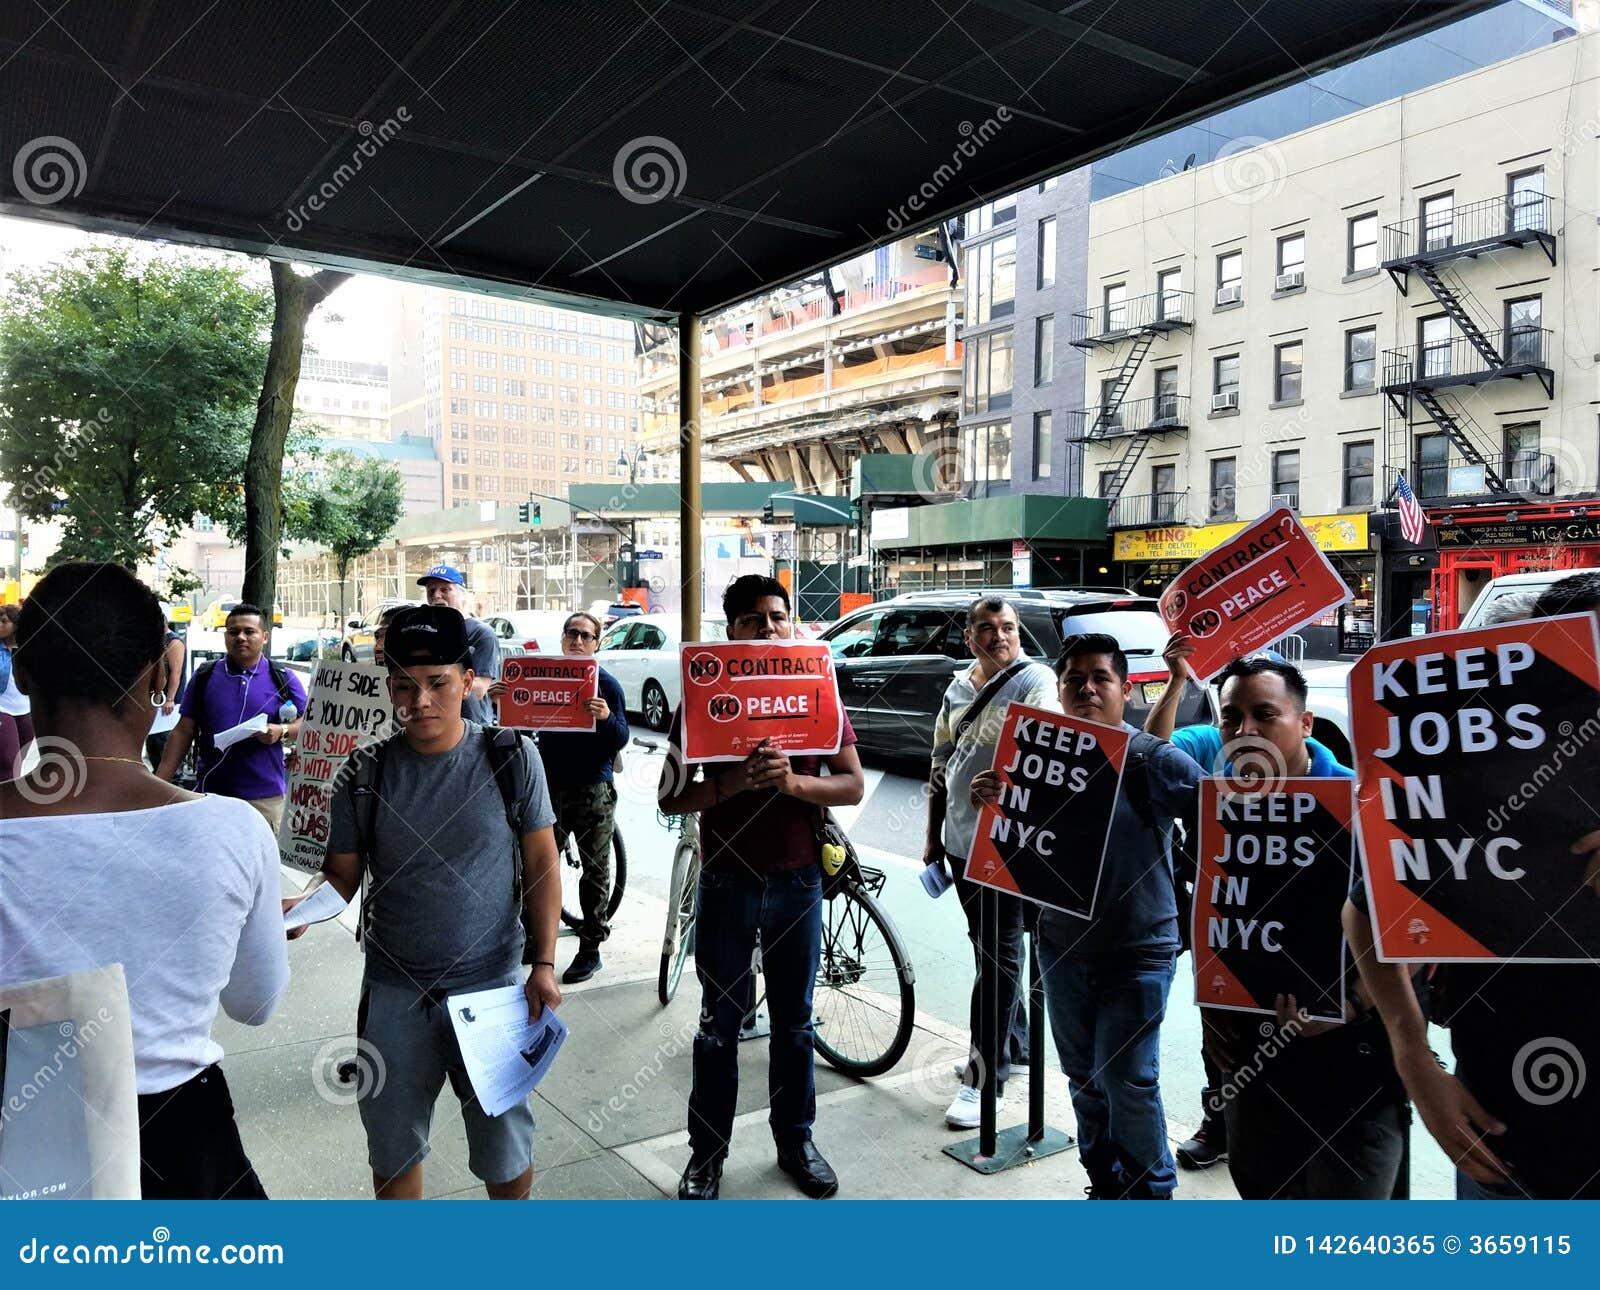 La gente fuera de la tienda de la foto de B&H en Manhattan con las muestras mantiene trabajos NYC en las manos que protesta con l